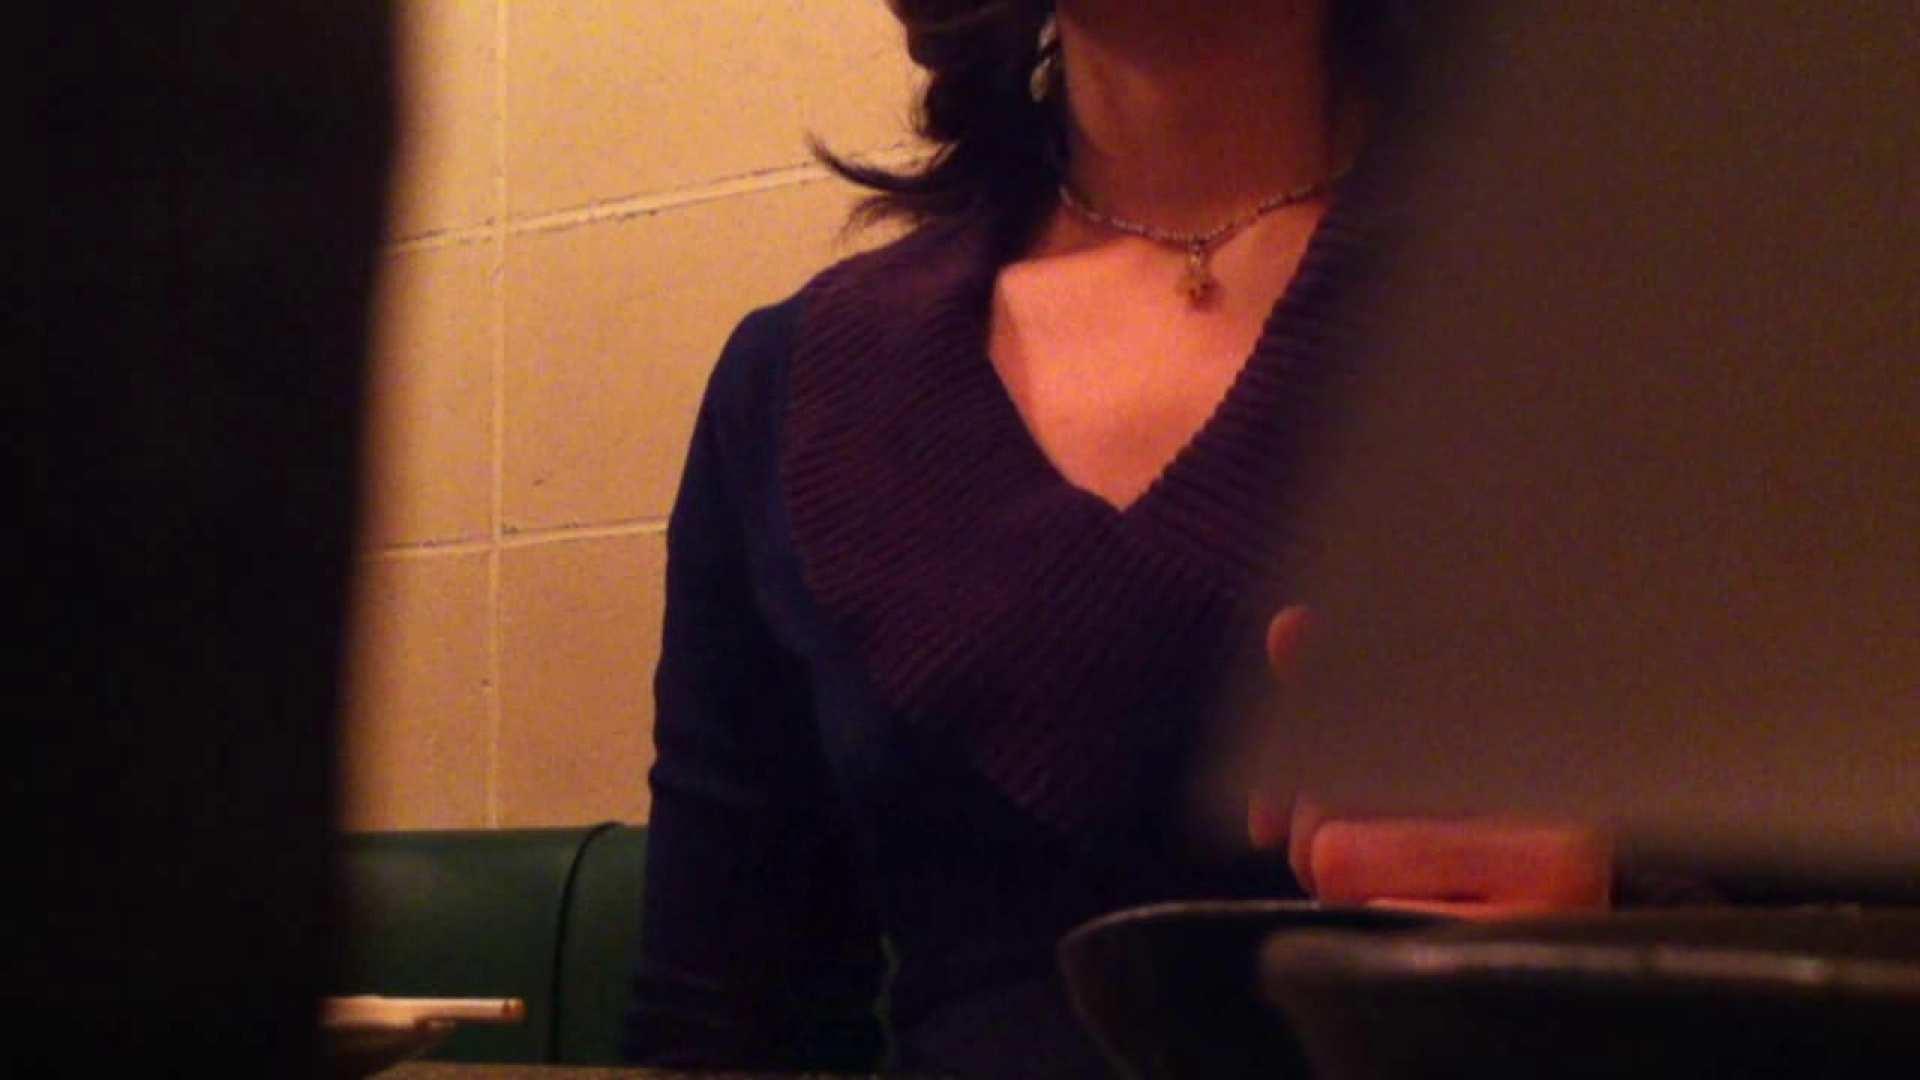 32才バツイチ子持ち現役看護婦じゅんこの変態願望Vol.1 セックス エロ画像 104pic 36